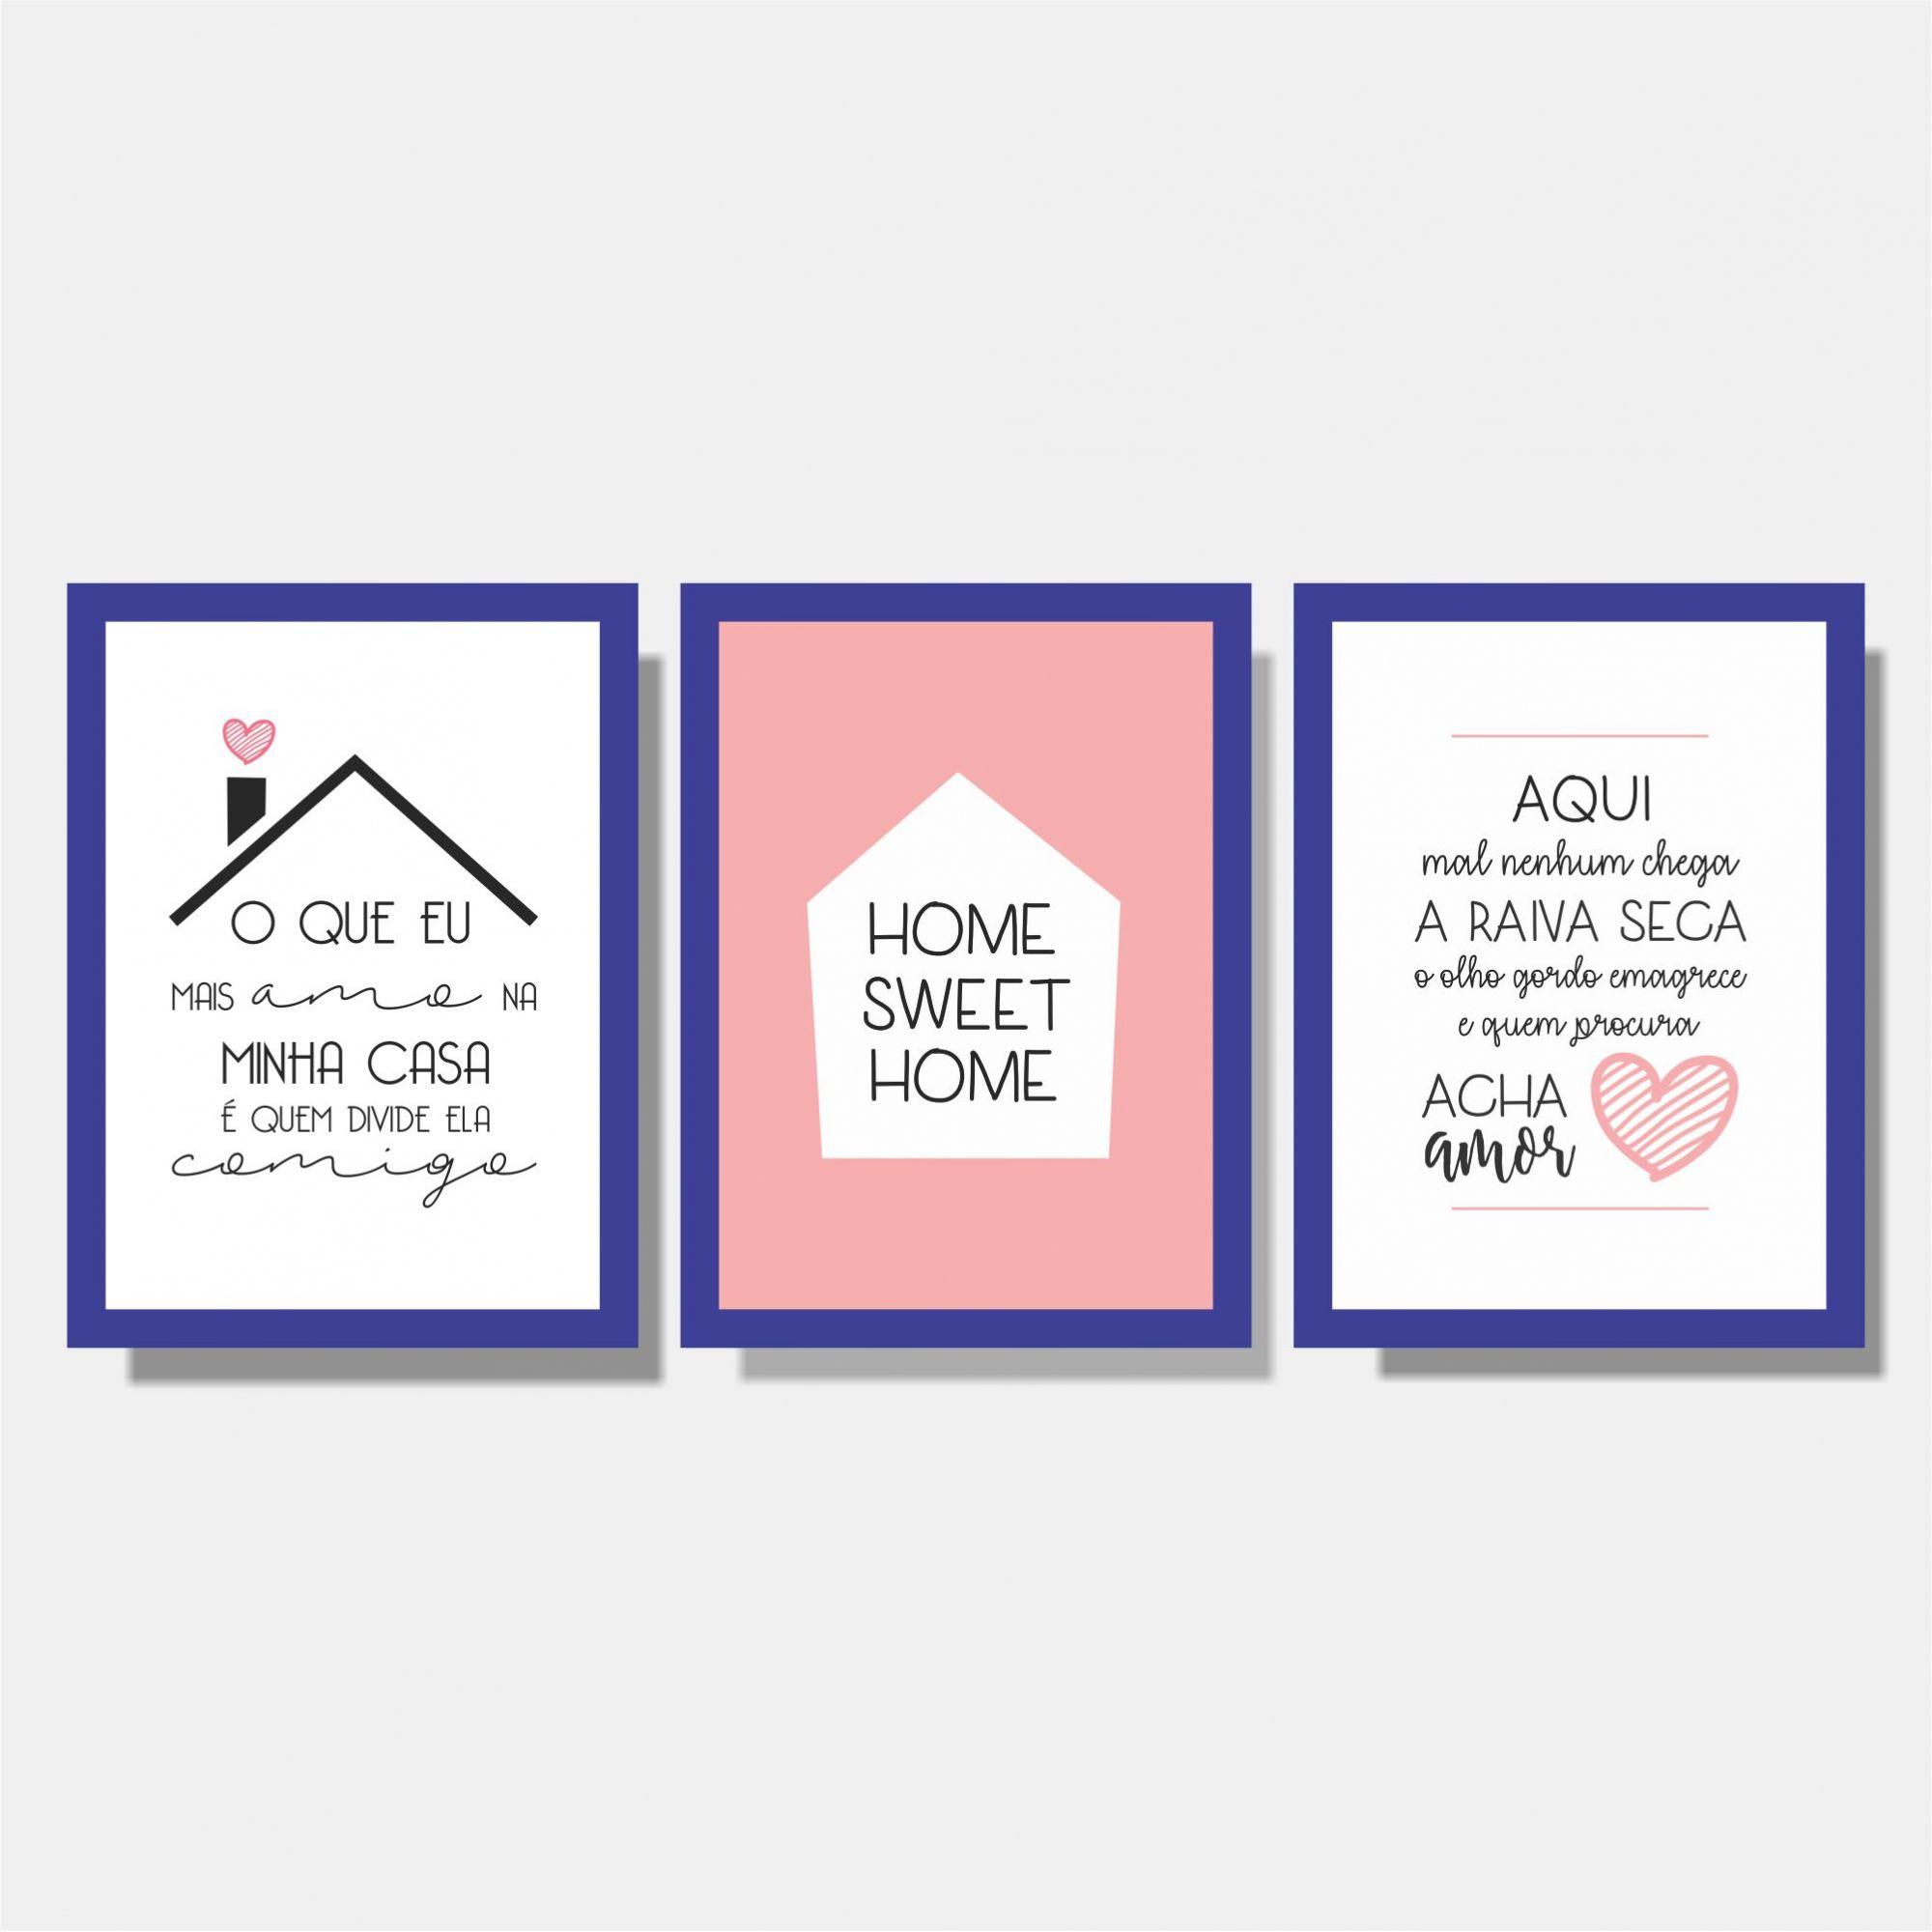 Kit O que eu mais amo + Home Sweet Home + Aqui Mal Nenhum Chega